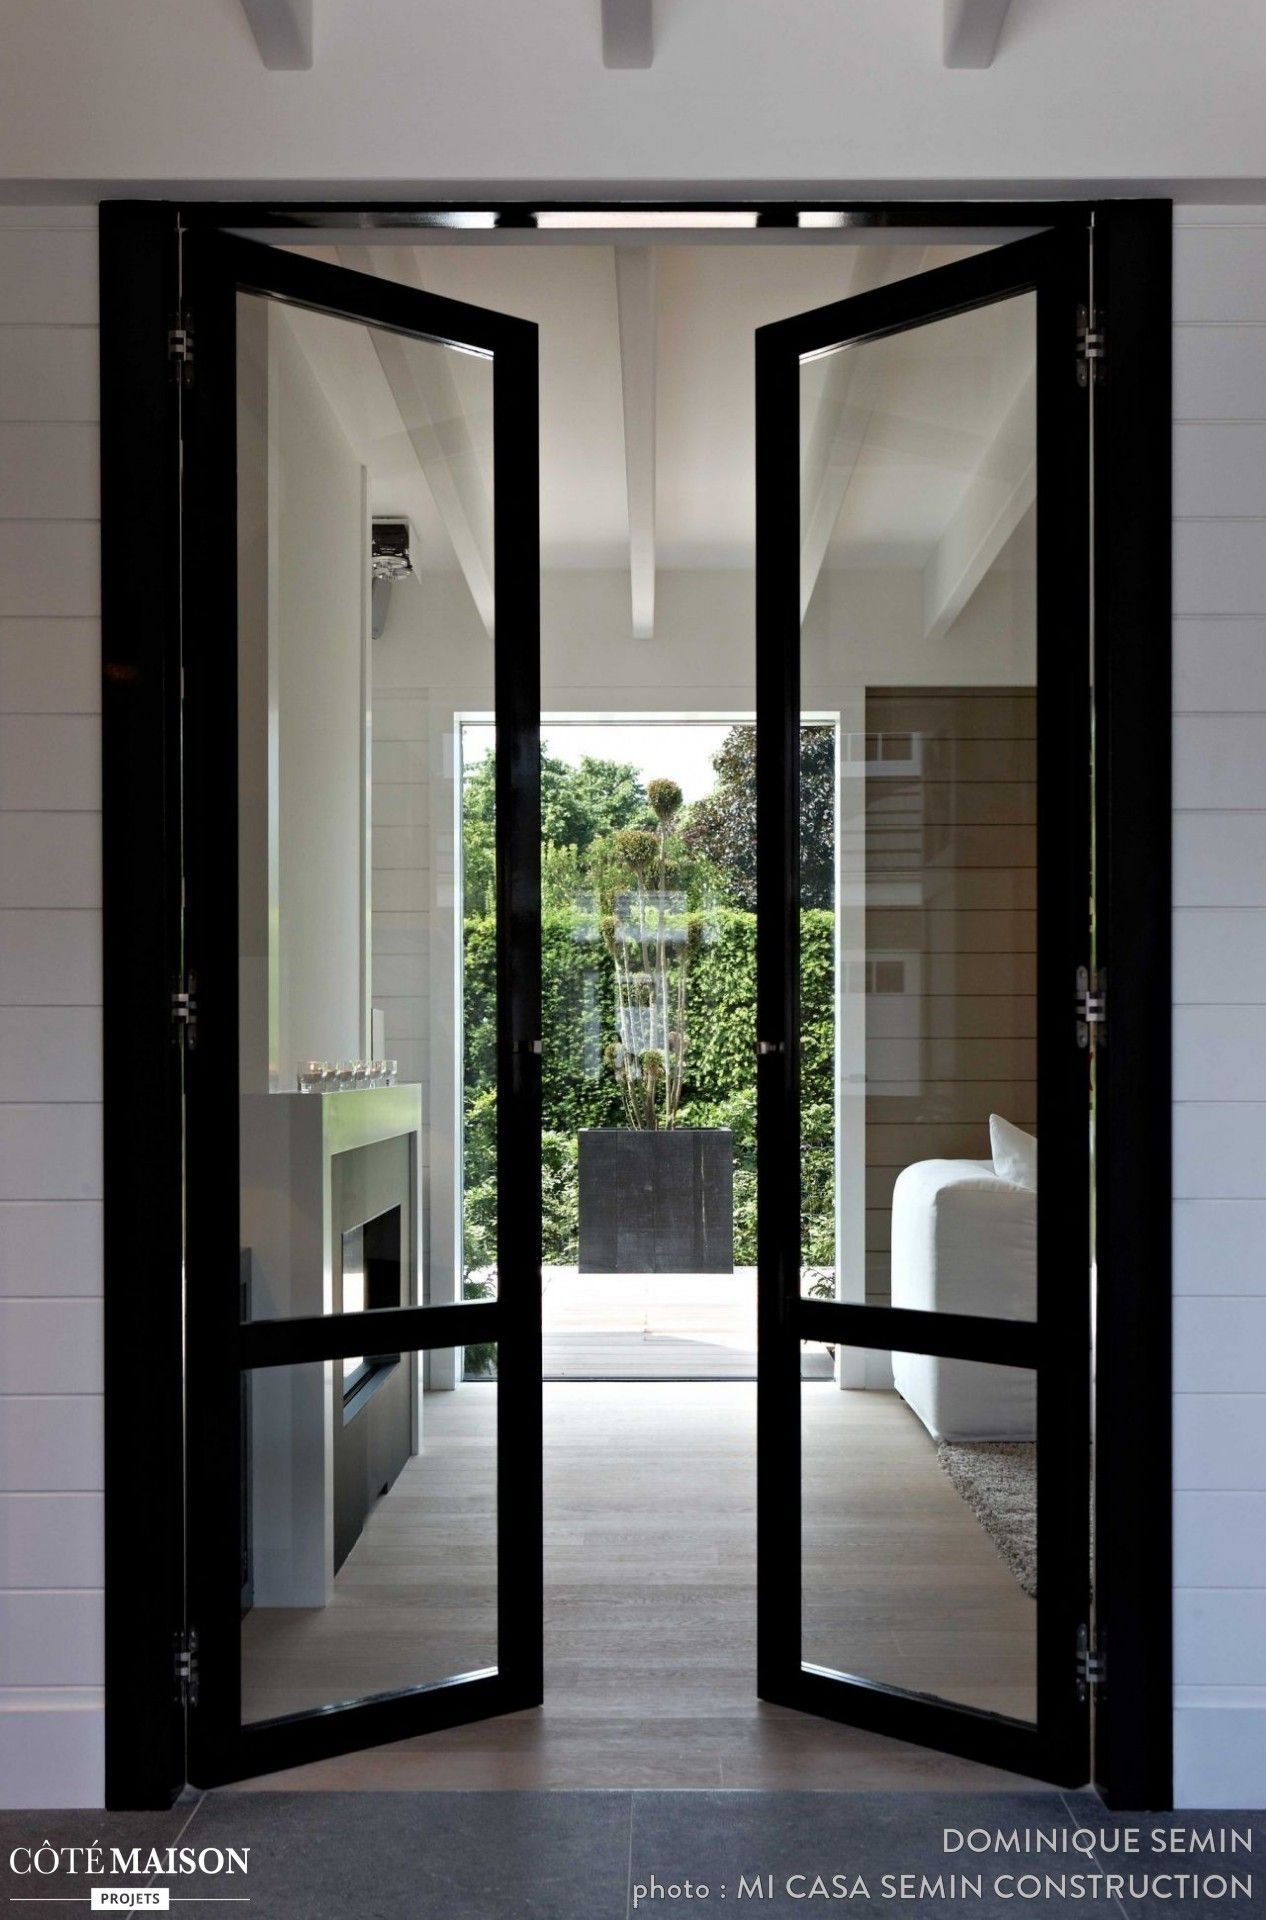 Home design exterieur und interieur une porte en verrière pour avoir une belle ouverture sur luextérieur